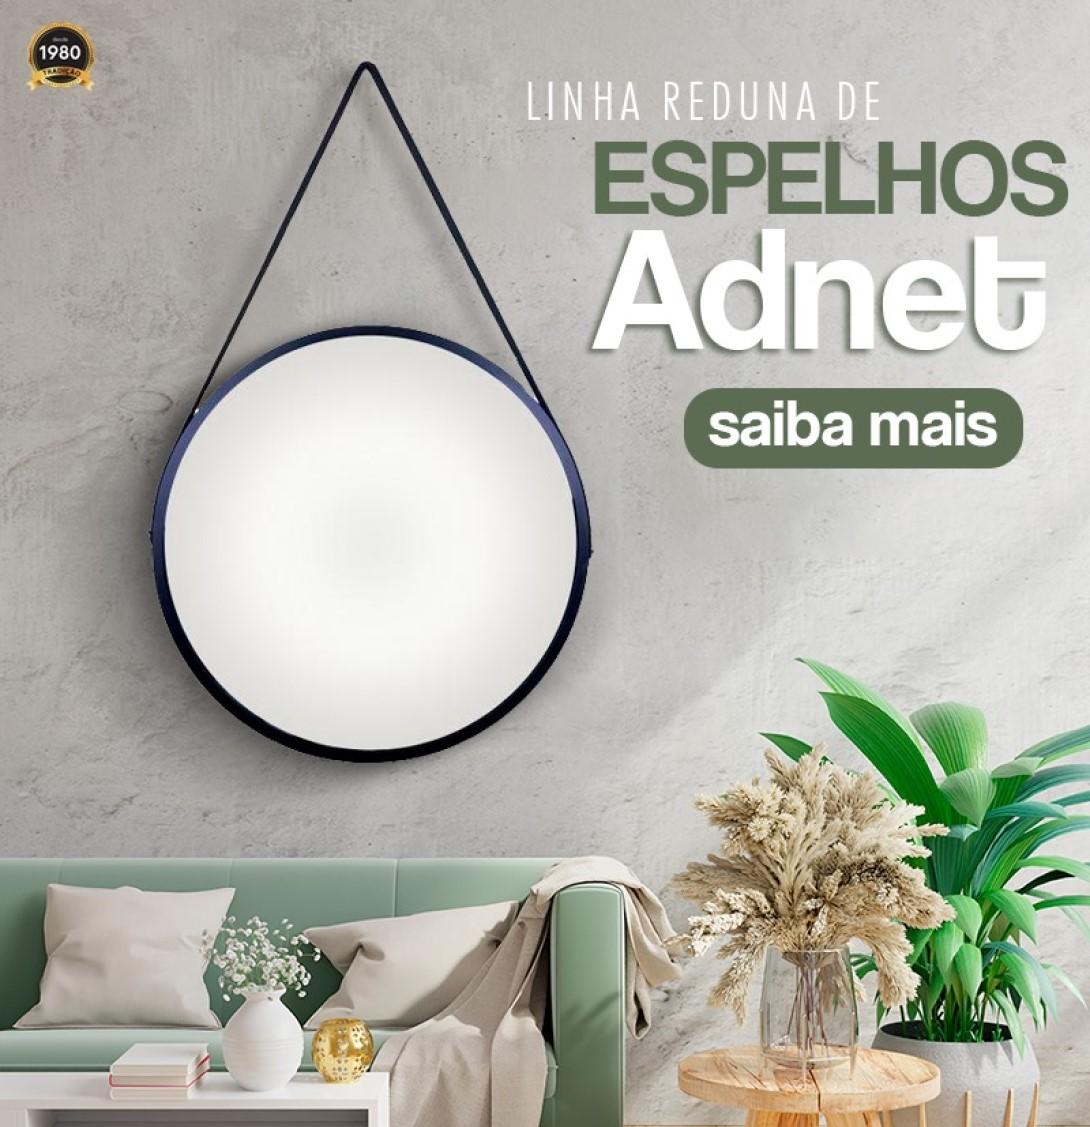 Espelho Led frio Adnet 50cm Marrom Alça De Couro Marrom